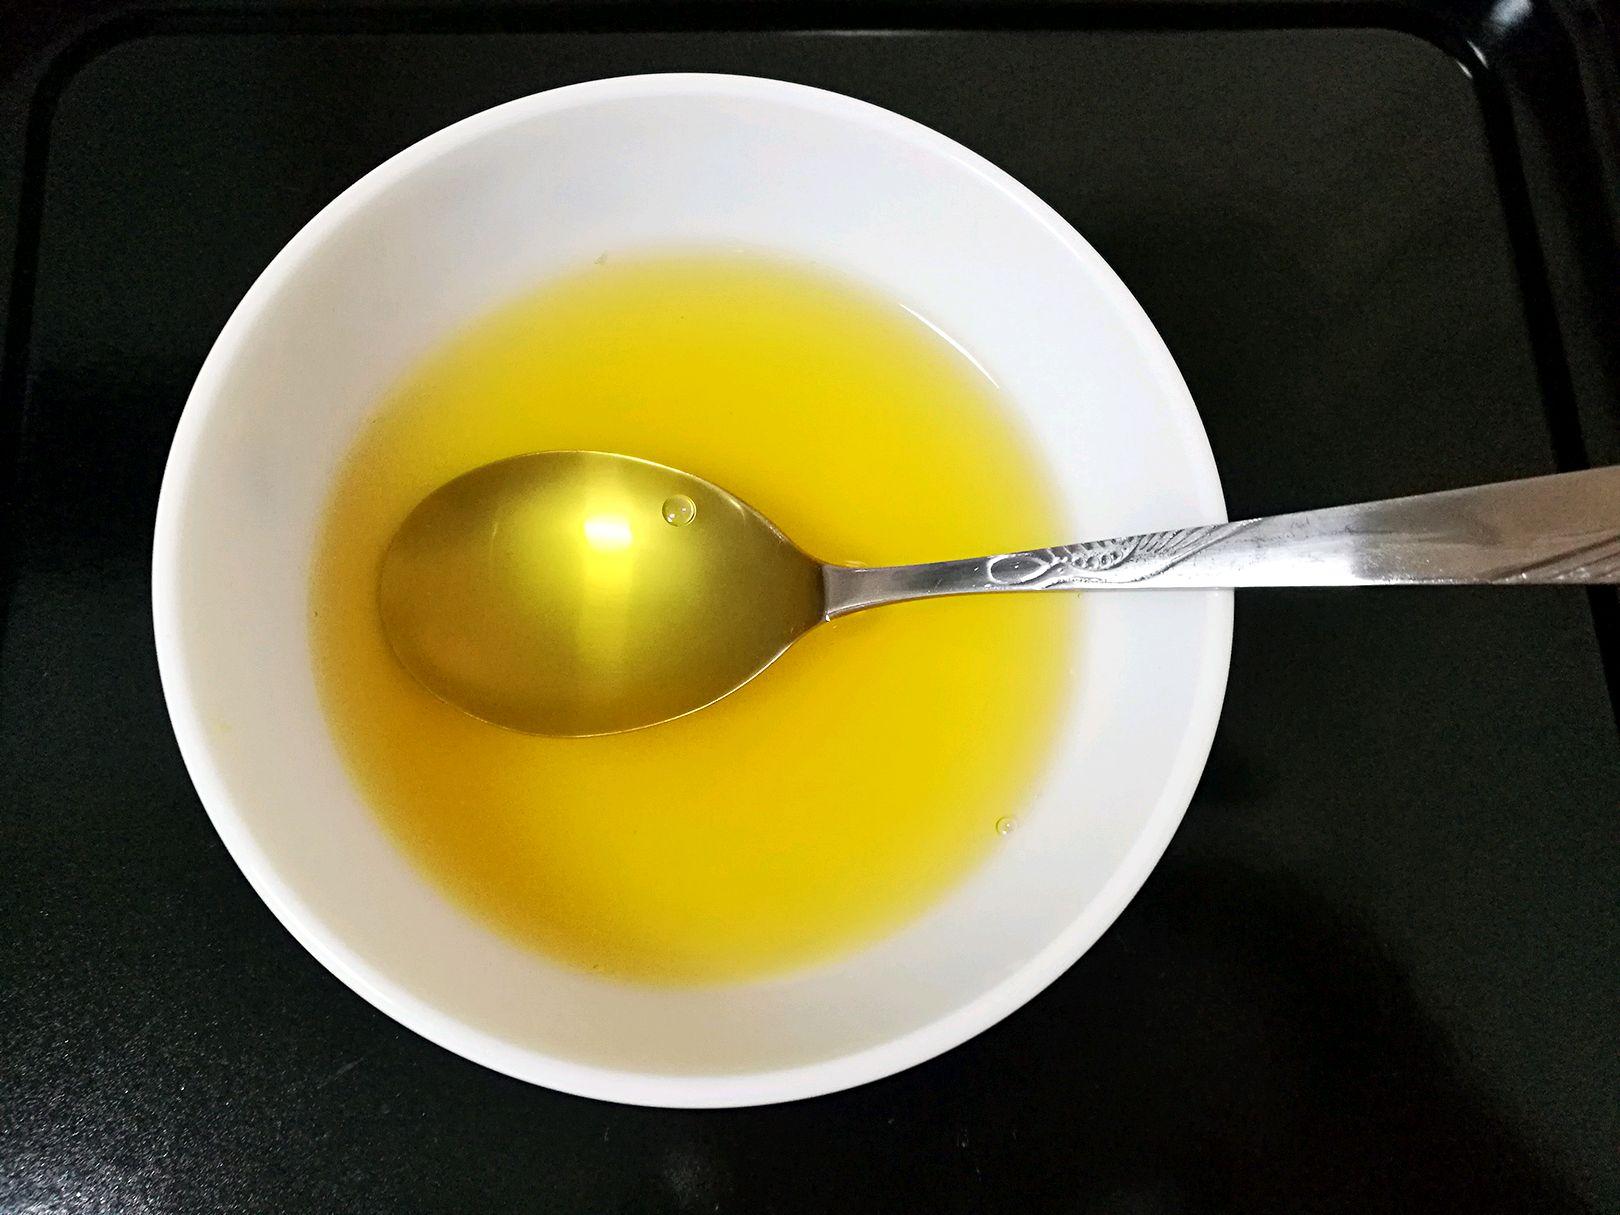 蜂蜜柠檬水的做法步骤 5.